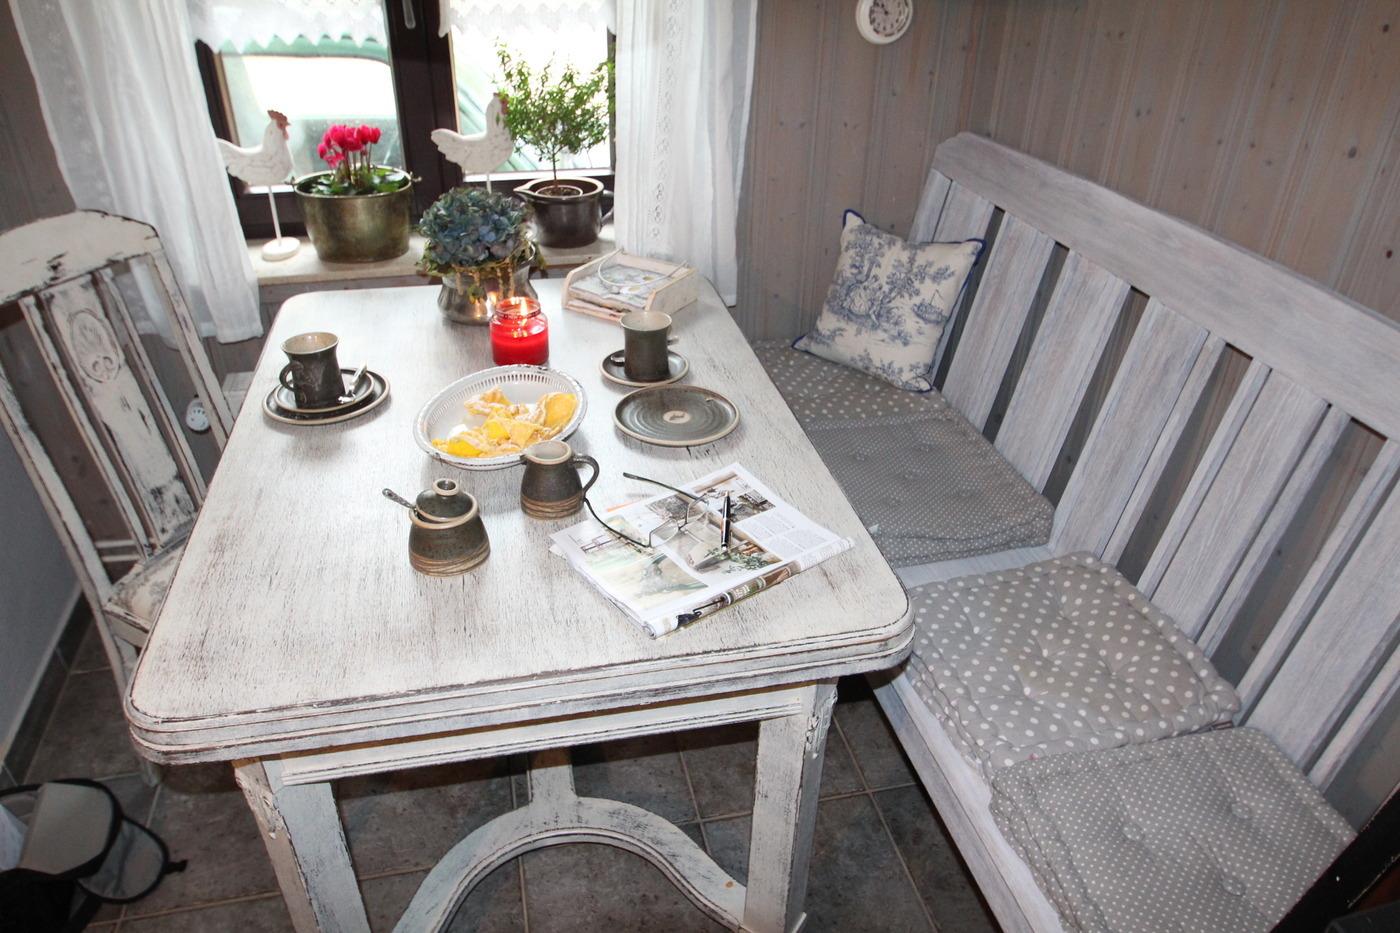 kuche shabby chic kreative ideen f r ihr zuhause design. Black Bedroom Furniture Sets. Home Design Ideas